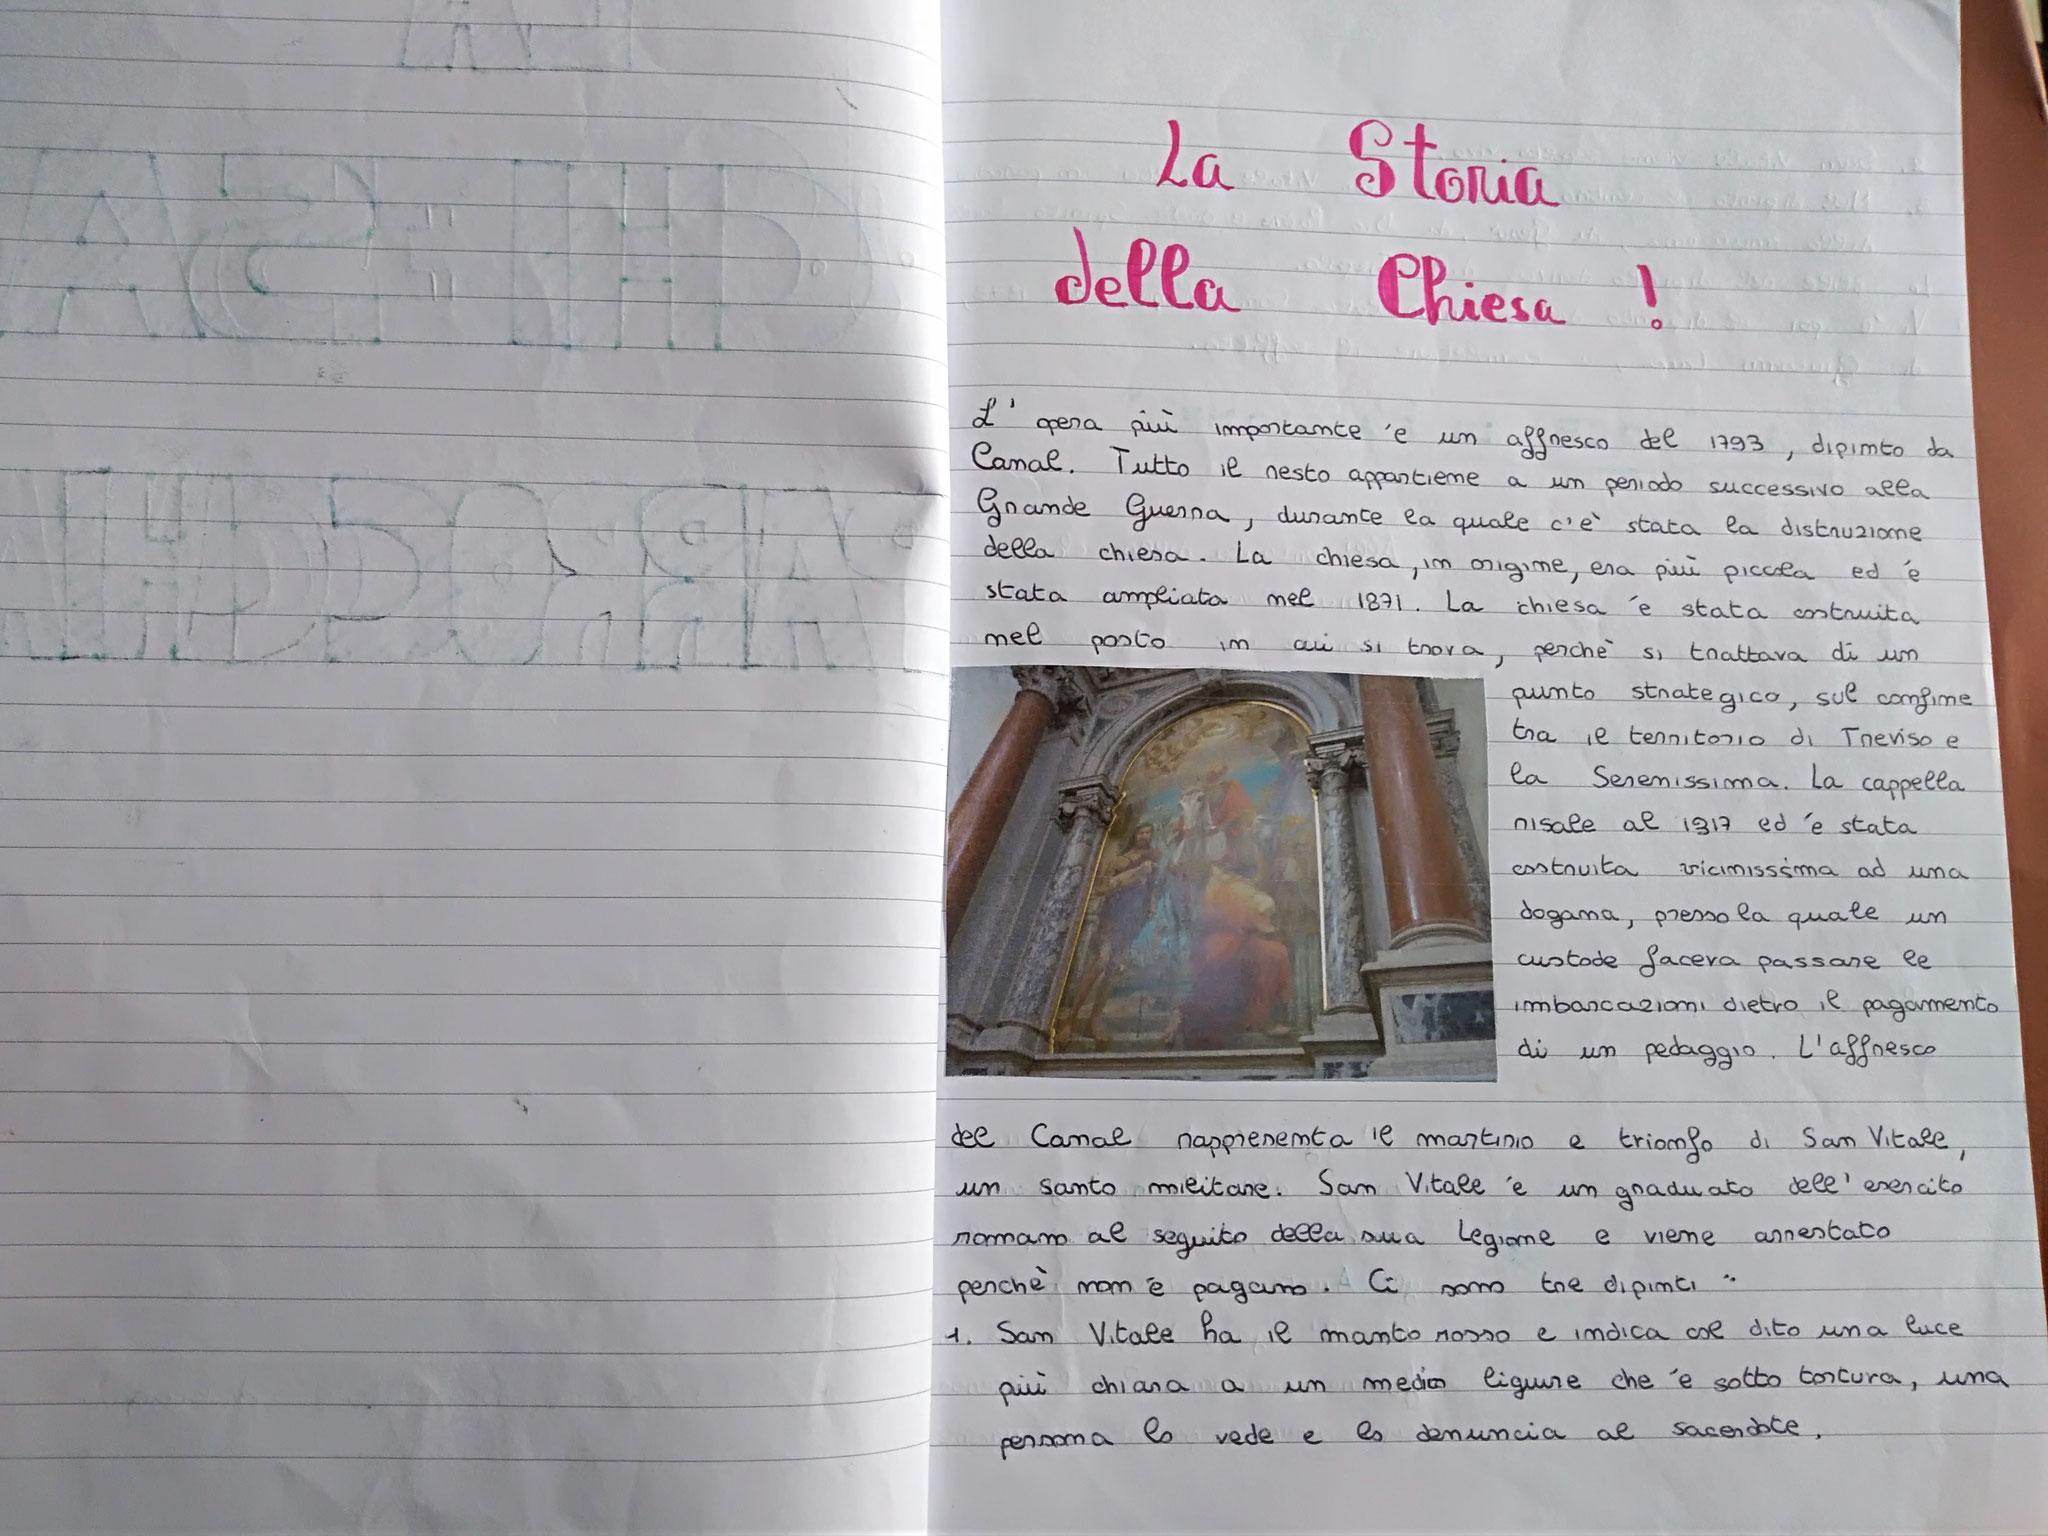 3 La chiesa di San VItale